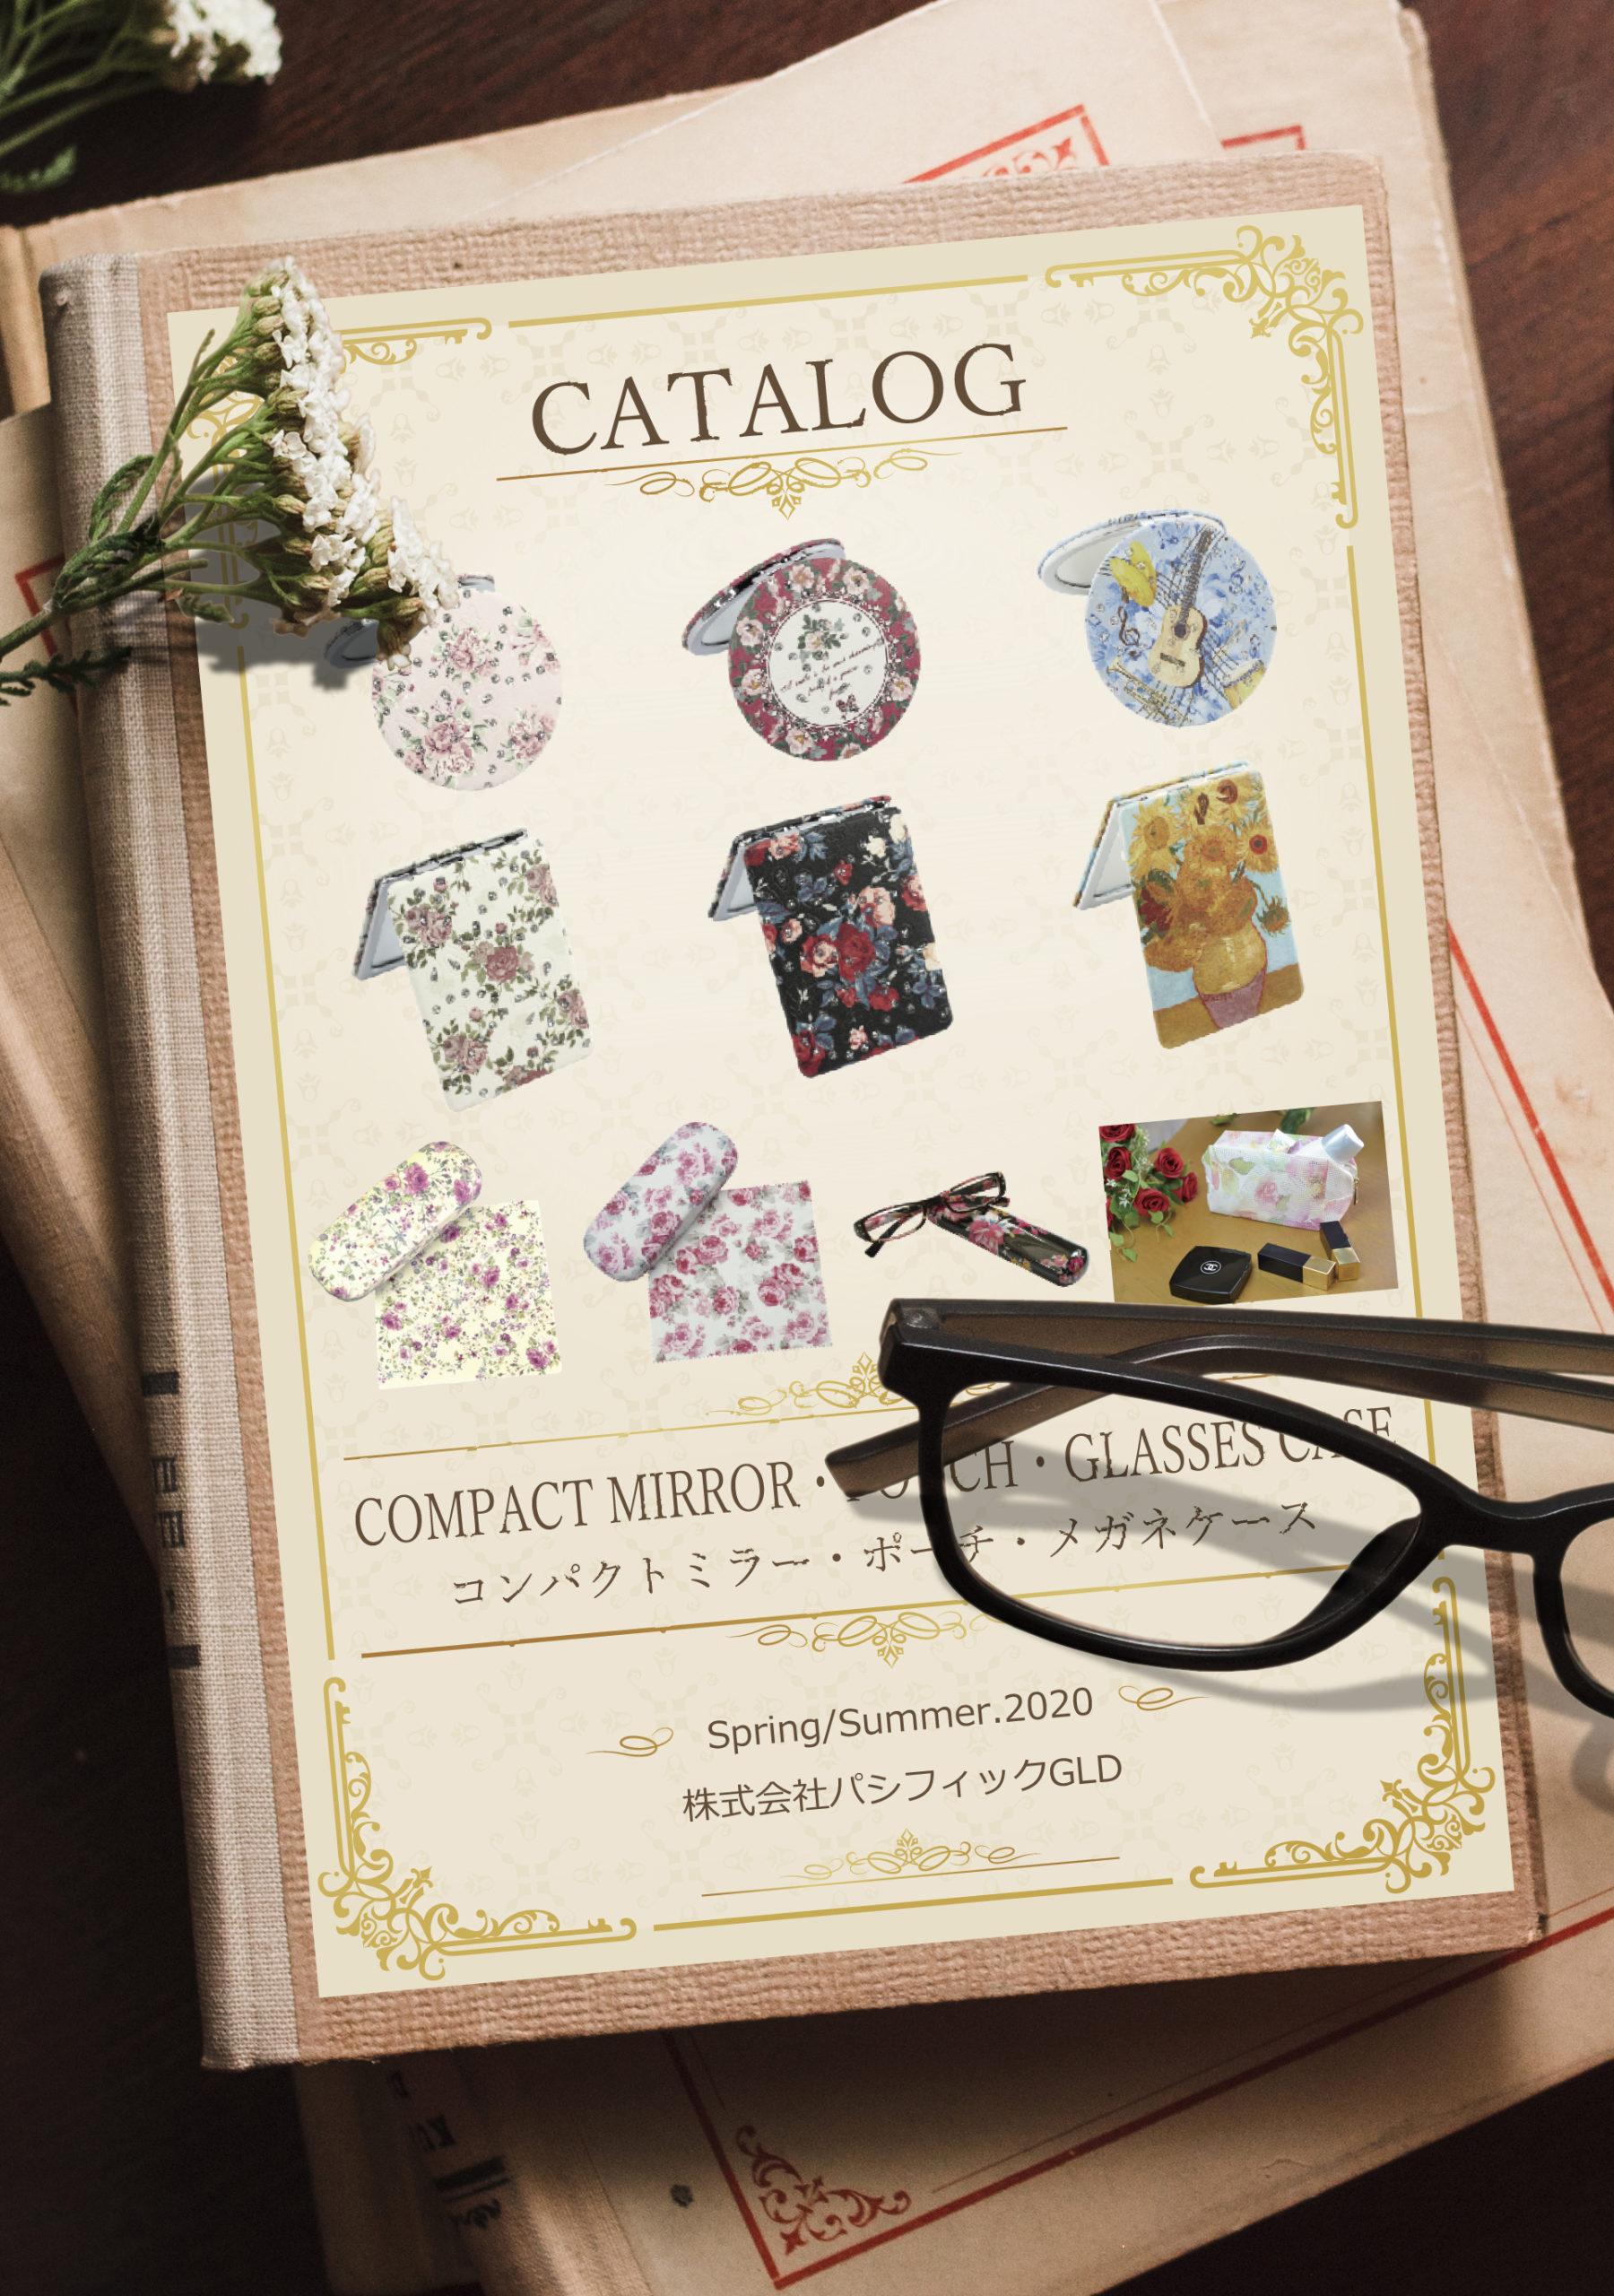 73 メガネケース・リーディンググラス・コンパクトミラー